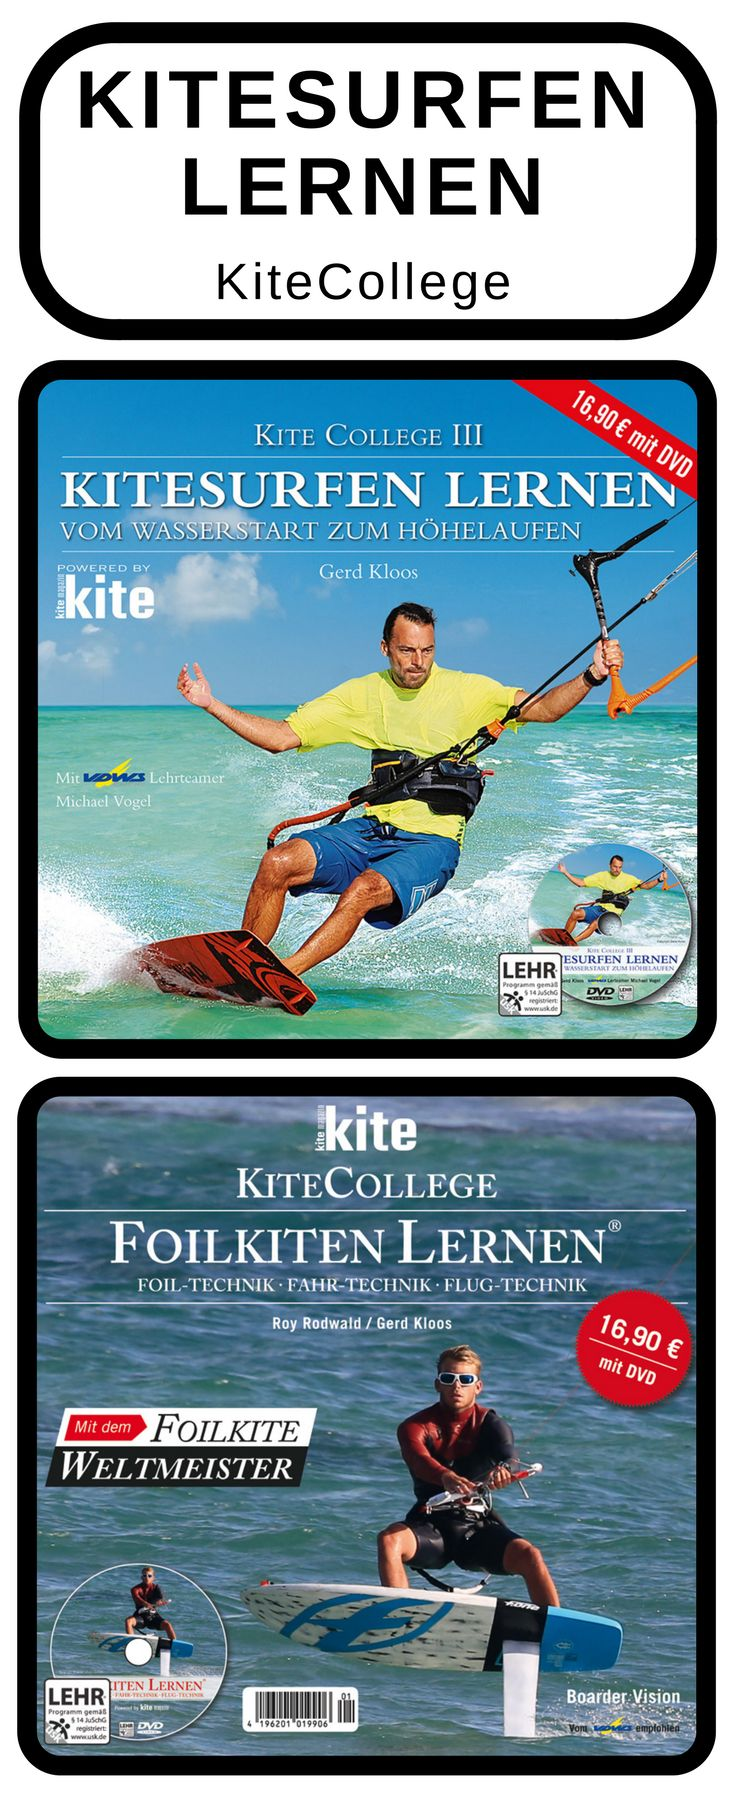 Du willst Kitesurfen oder Foilkiten lernen? Mit den Büchern von KiteCollege machst du schneller Fortschritte und kommst schneller aufs Kite- oder Foilboard. Hol dir jetzt dein KiteCollege Buch und pushe deine Skills schneller aufs nächste Level. #kitesurfen #kitecollege #kitebeginner